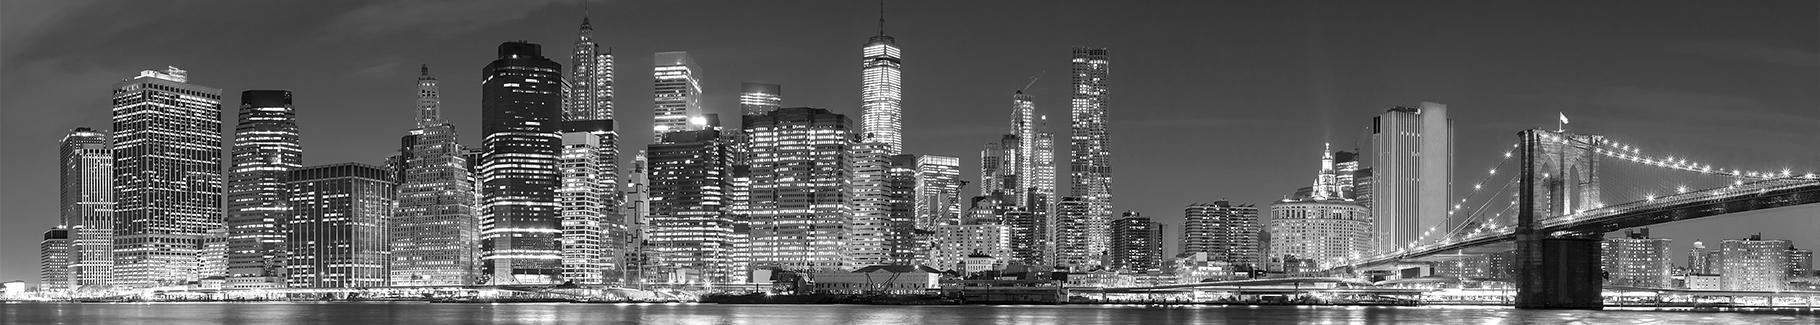 Fototapeta panorama miasta - Nowy Jork nocą